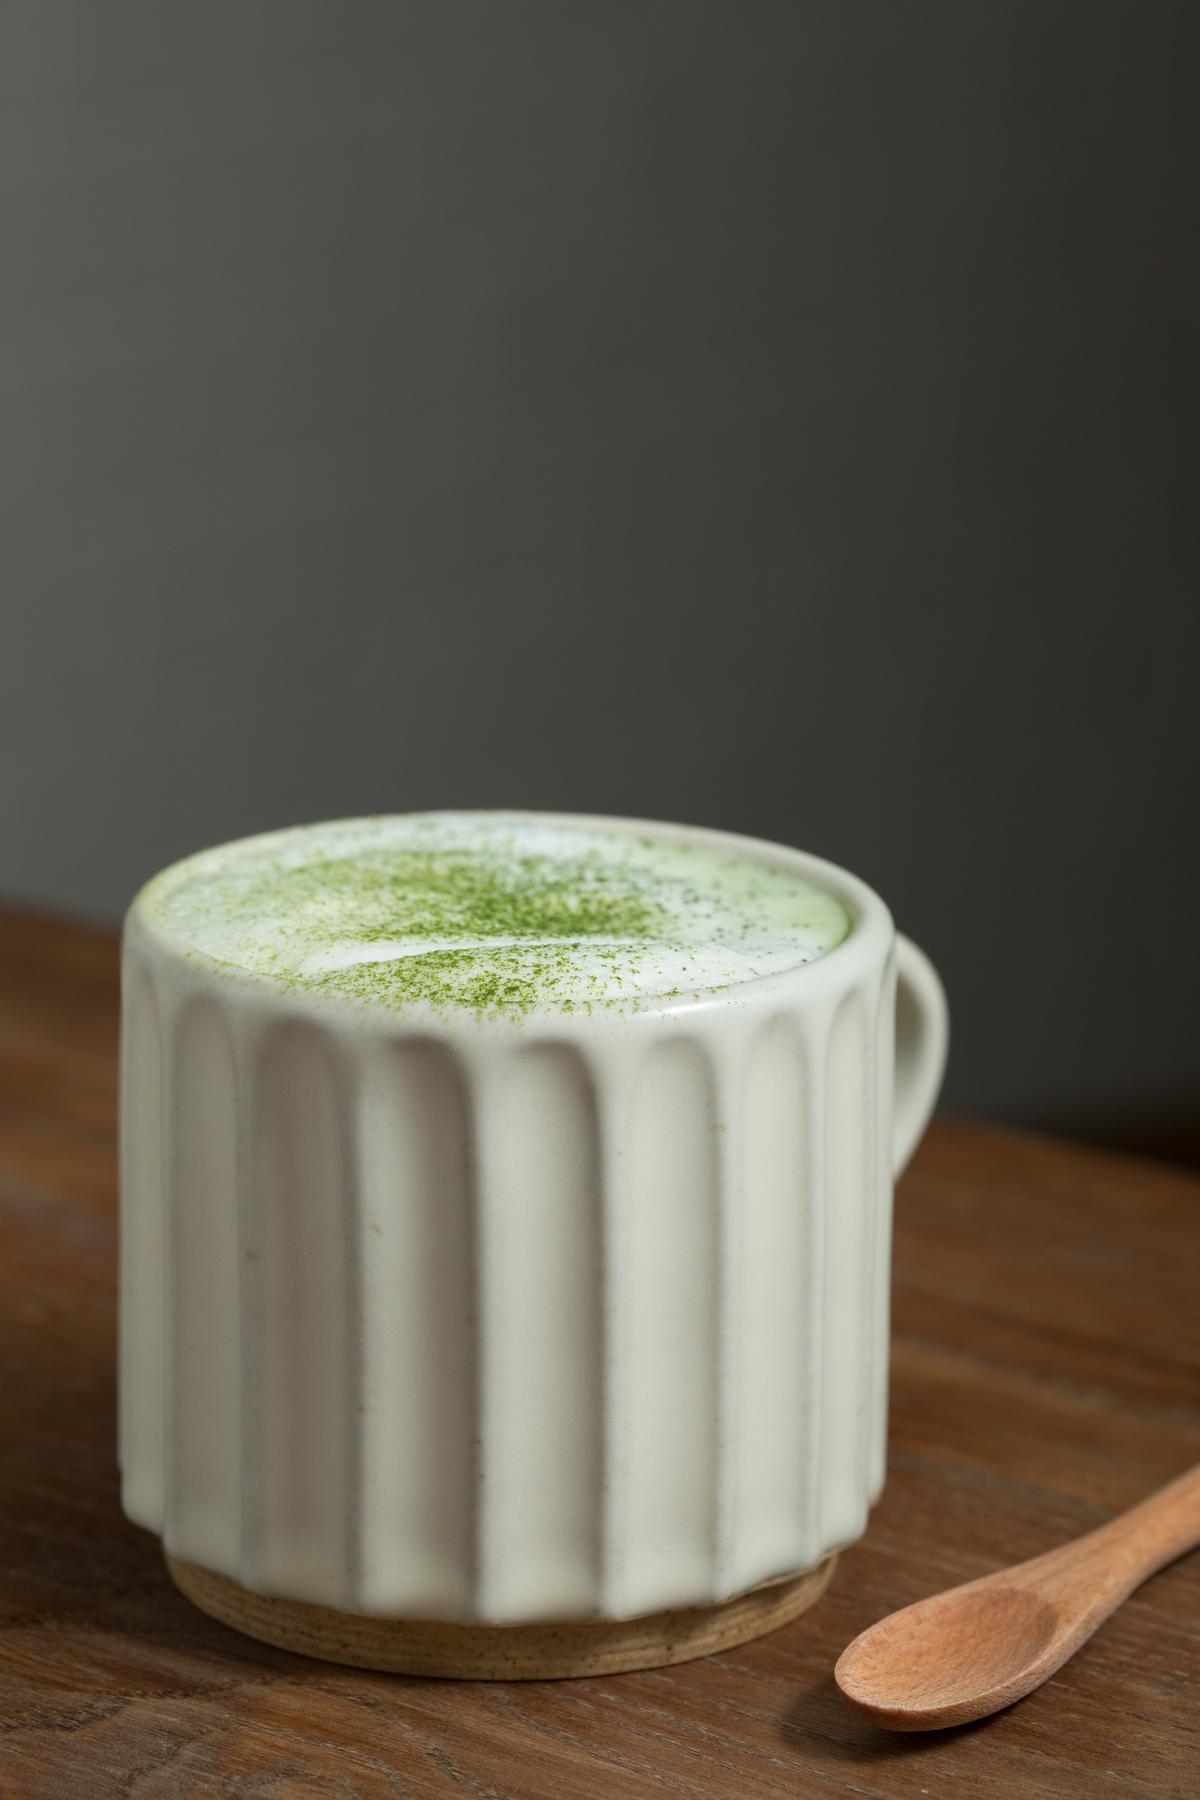 雨天裡品嘗溫熱的「小山園抺茶牛奶」讓人感到悠然舒緩。(140元/杯)